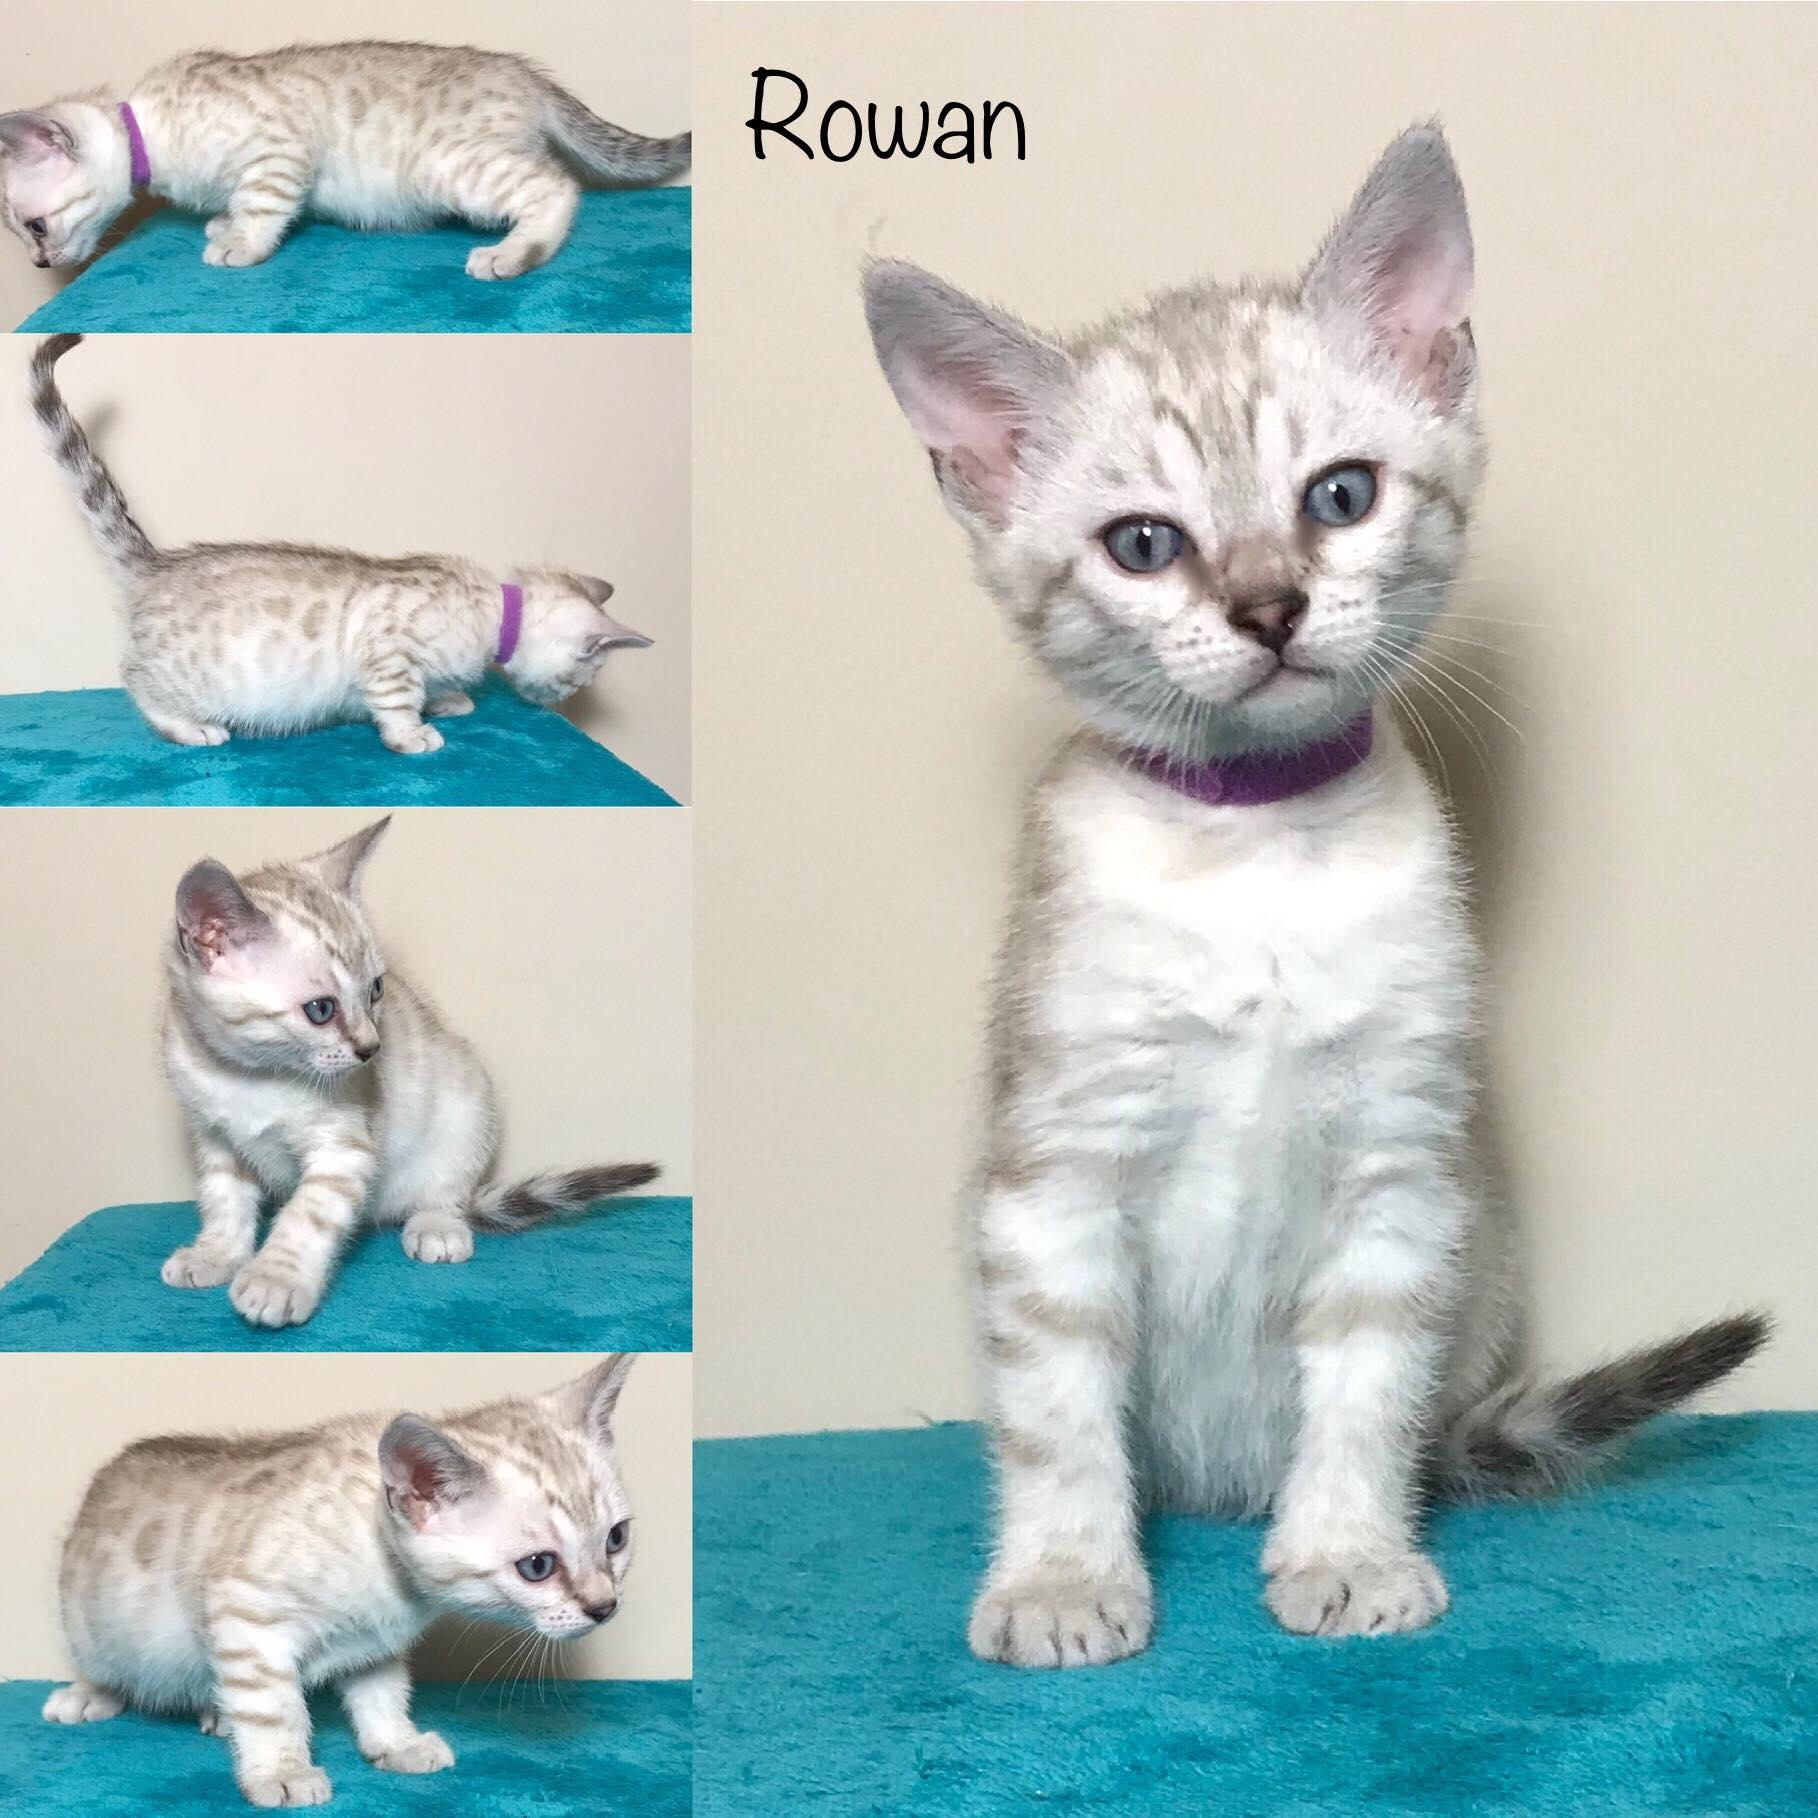 Rowan 6 weeks